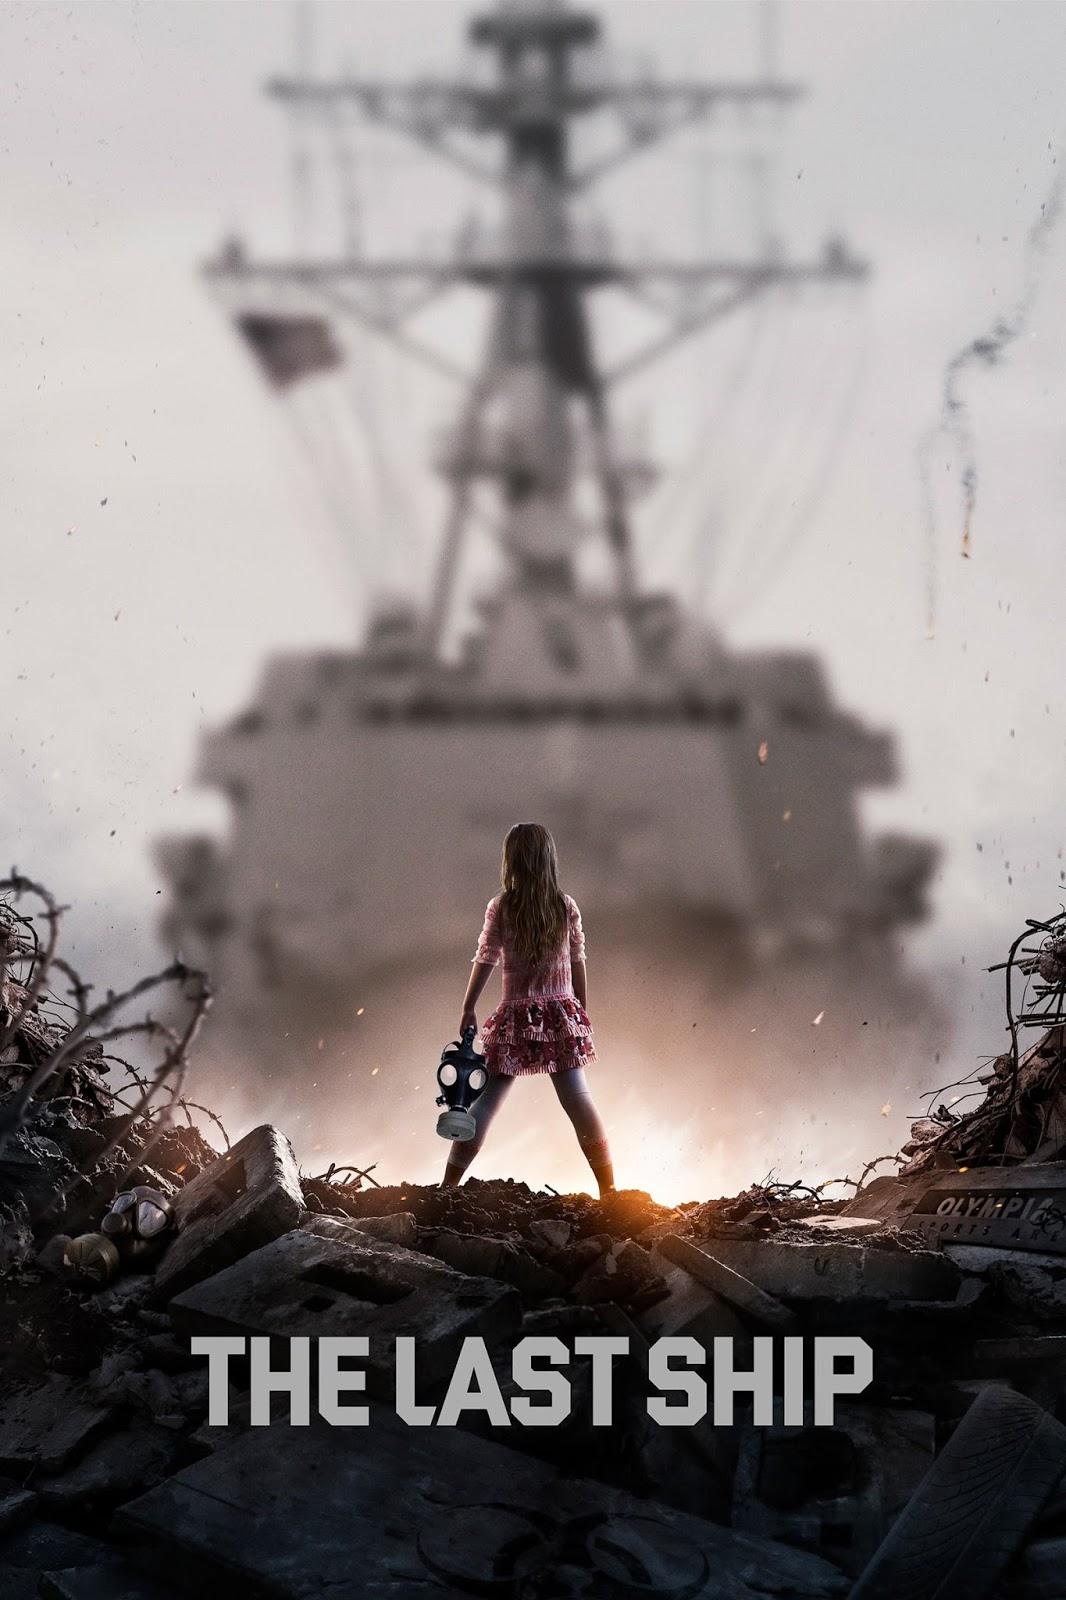 Phim Chiến Hạm Cuối Cùng Phần 2-The Last Ship Season 2 Tập 12 Vietsub